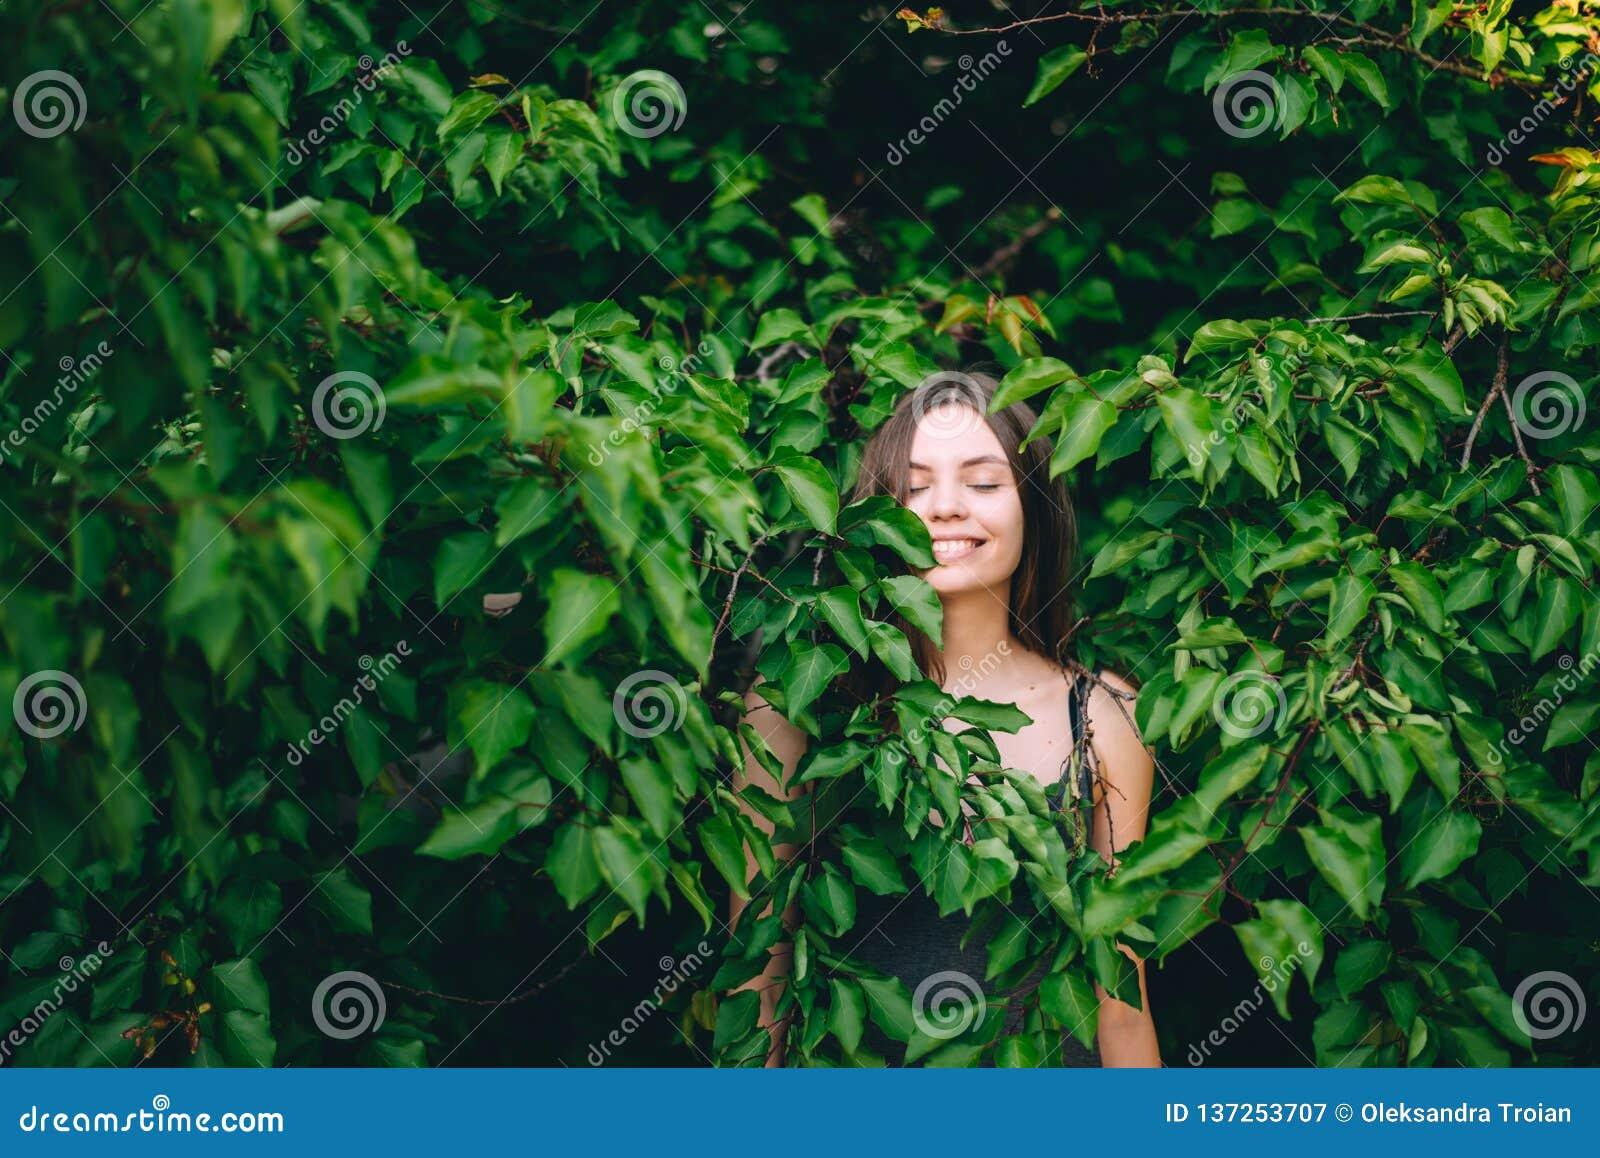 Πορτρέτο του ευτυχούς αρκετά νέου κοριτσιού εφήβων στα πράσινα φύλλα που χαμογελά υγιή φυσικό